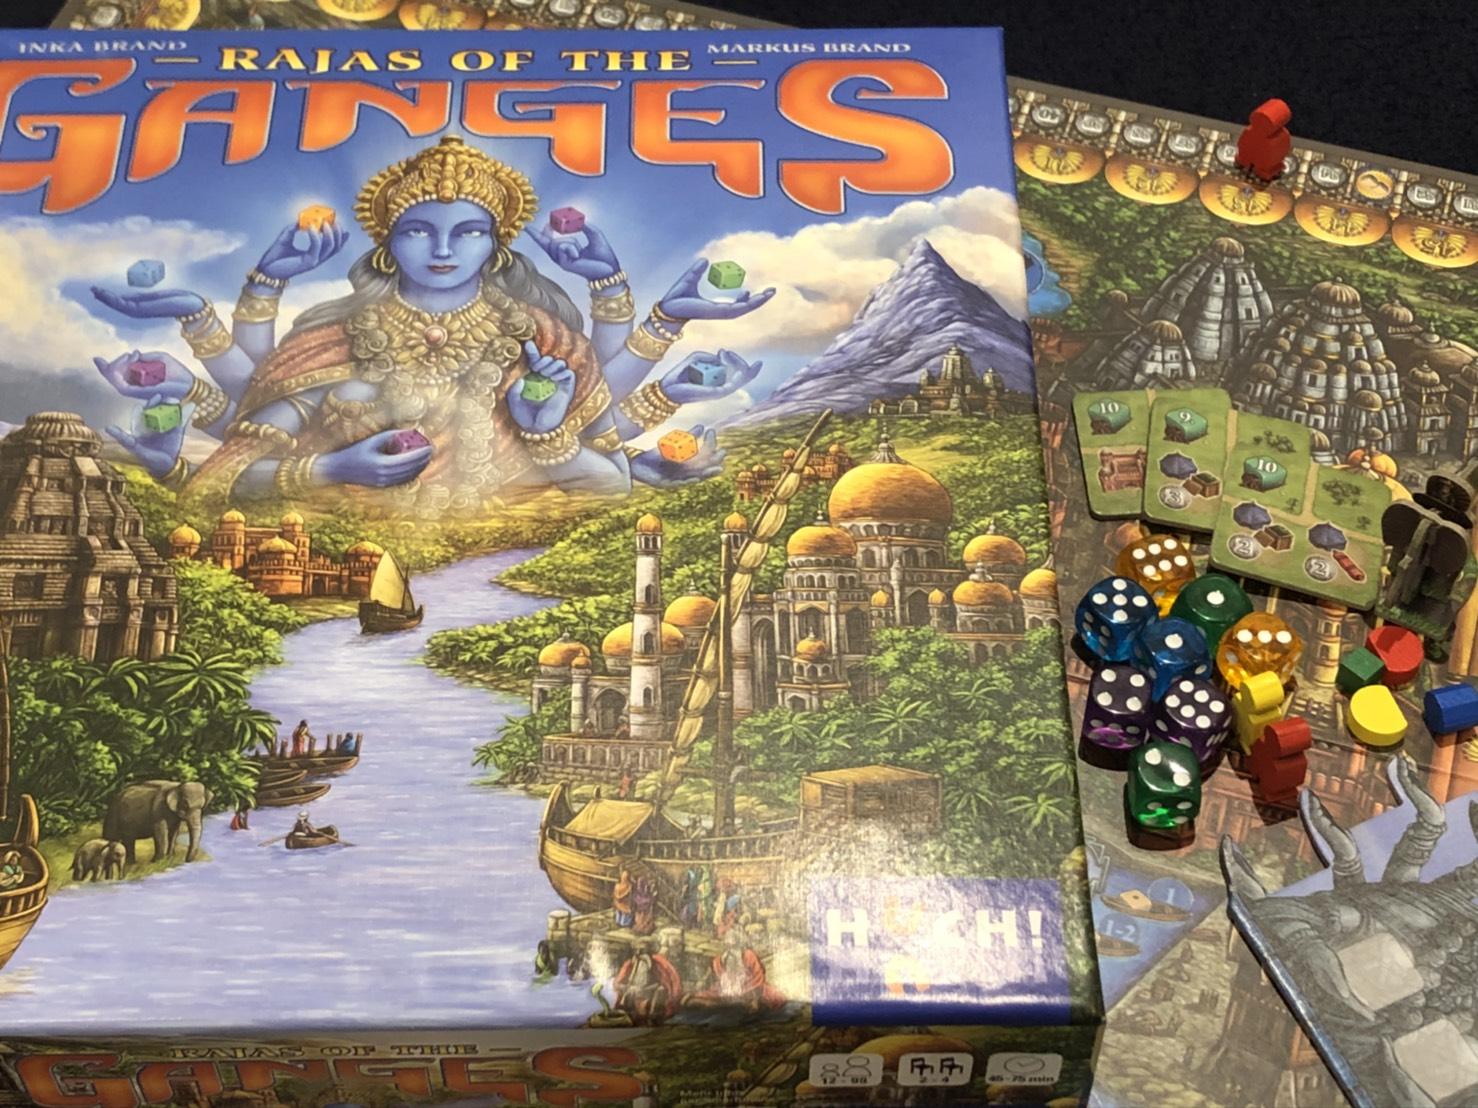 川崎 平日 重量級 ボードゲーム ガンジスの藩王 Rajas of the Ganges